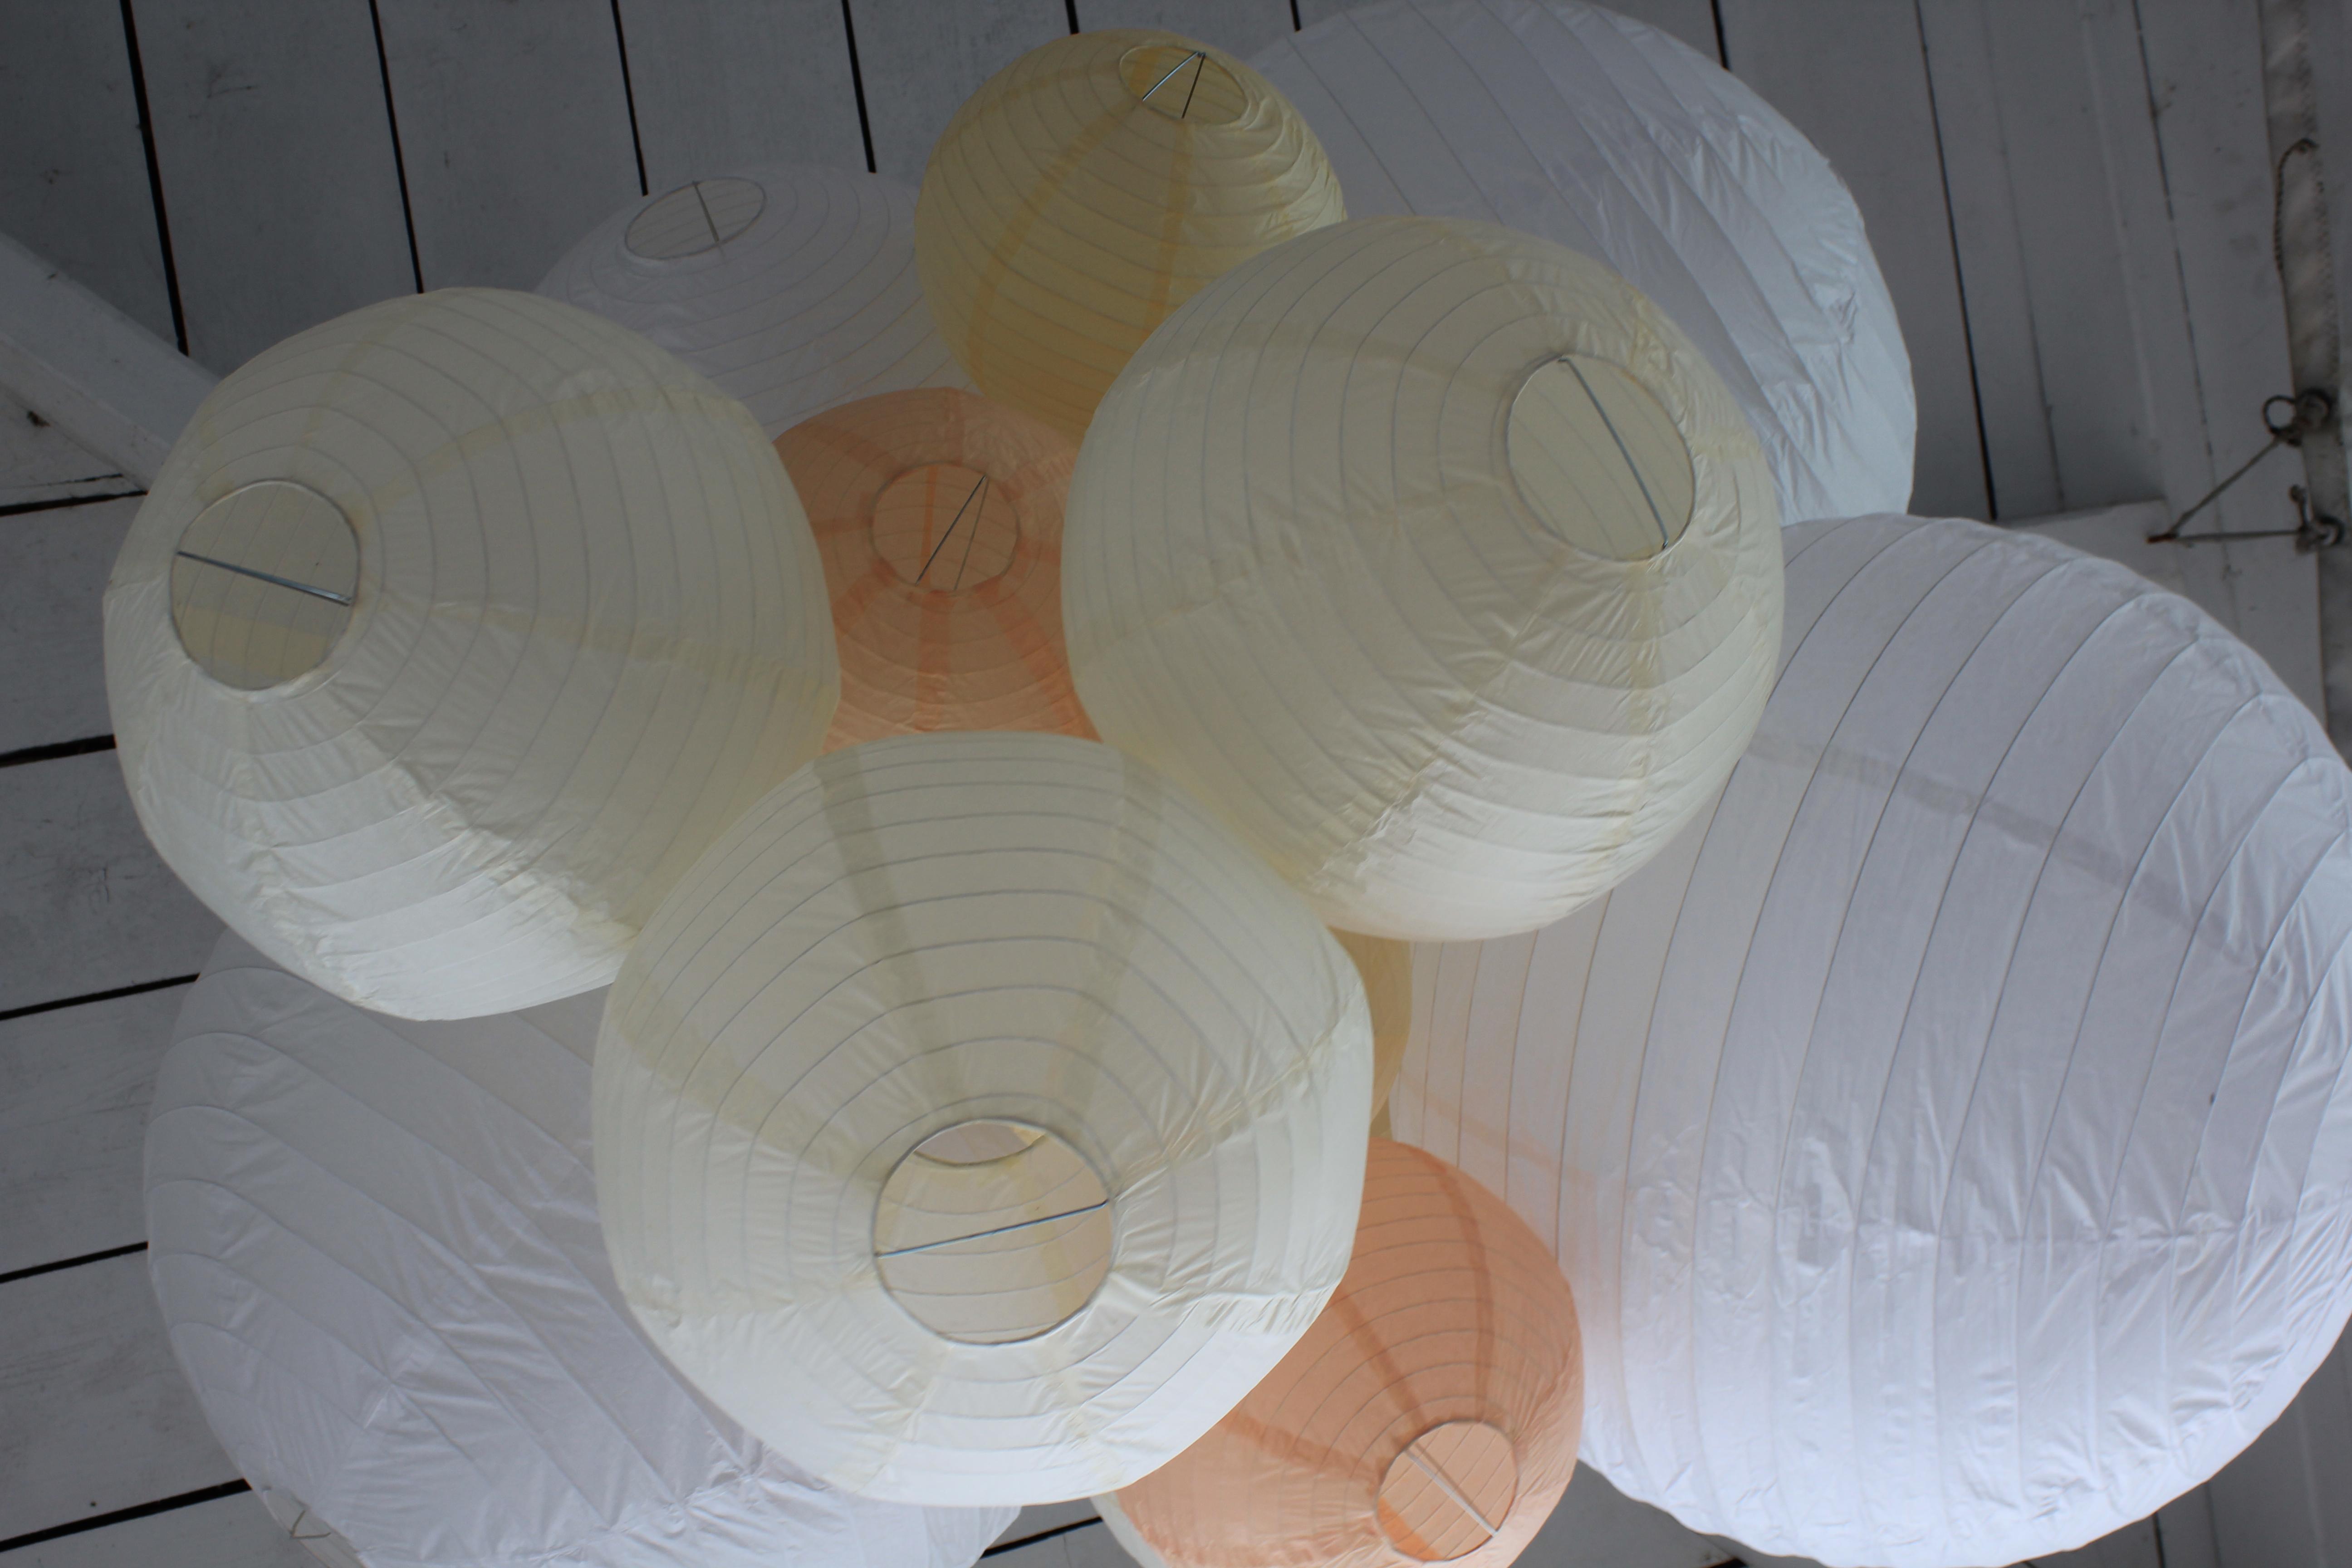 Location de boules chinoises